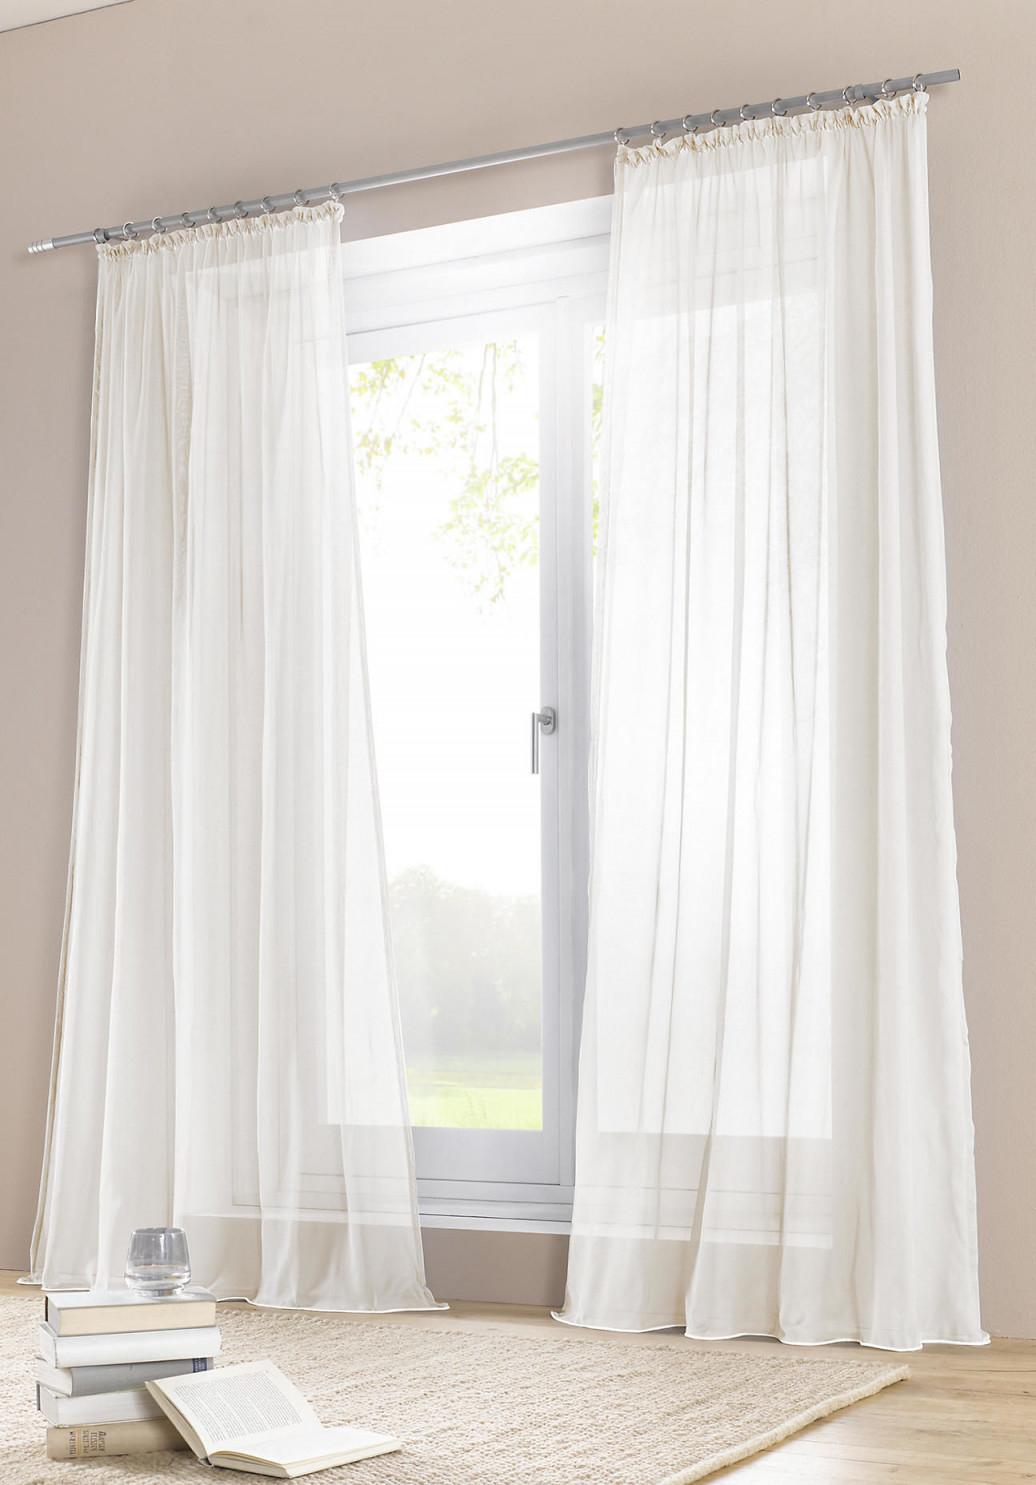 Die Schönsten Ideen Für Vorhänge  Gardinen von Gardinen Und Vorhänge Für Wohnzimmer Photo